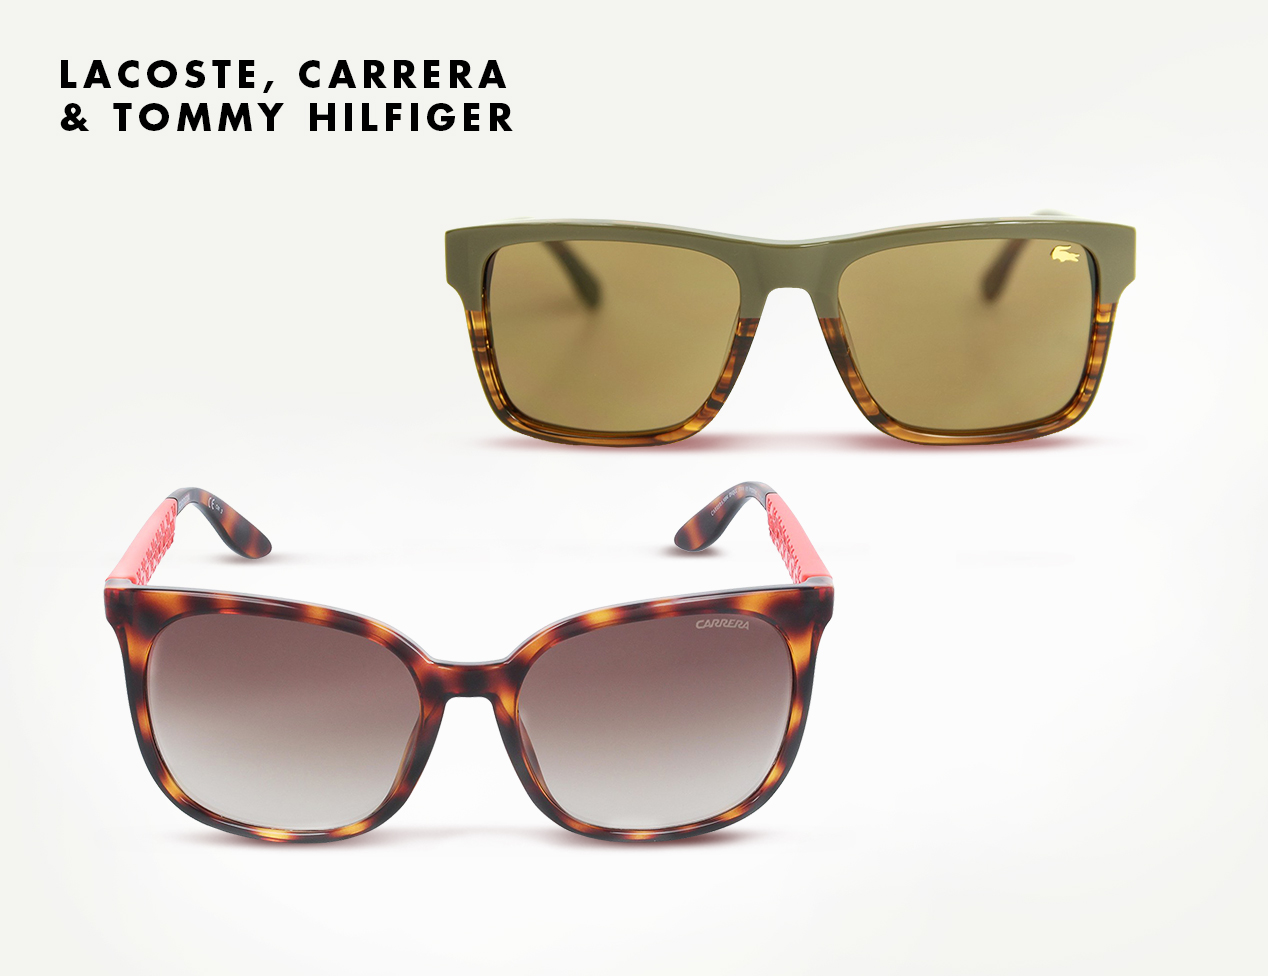 d13ce19919 MASM: Rebajas gafas Lacoste, Carrera & Tommy Hilfiger hasta el viernes 9